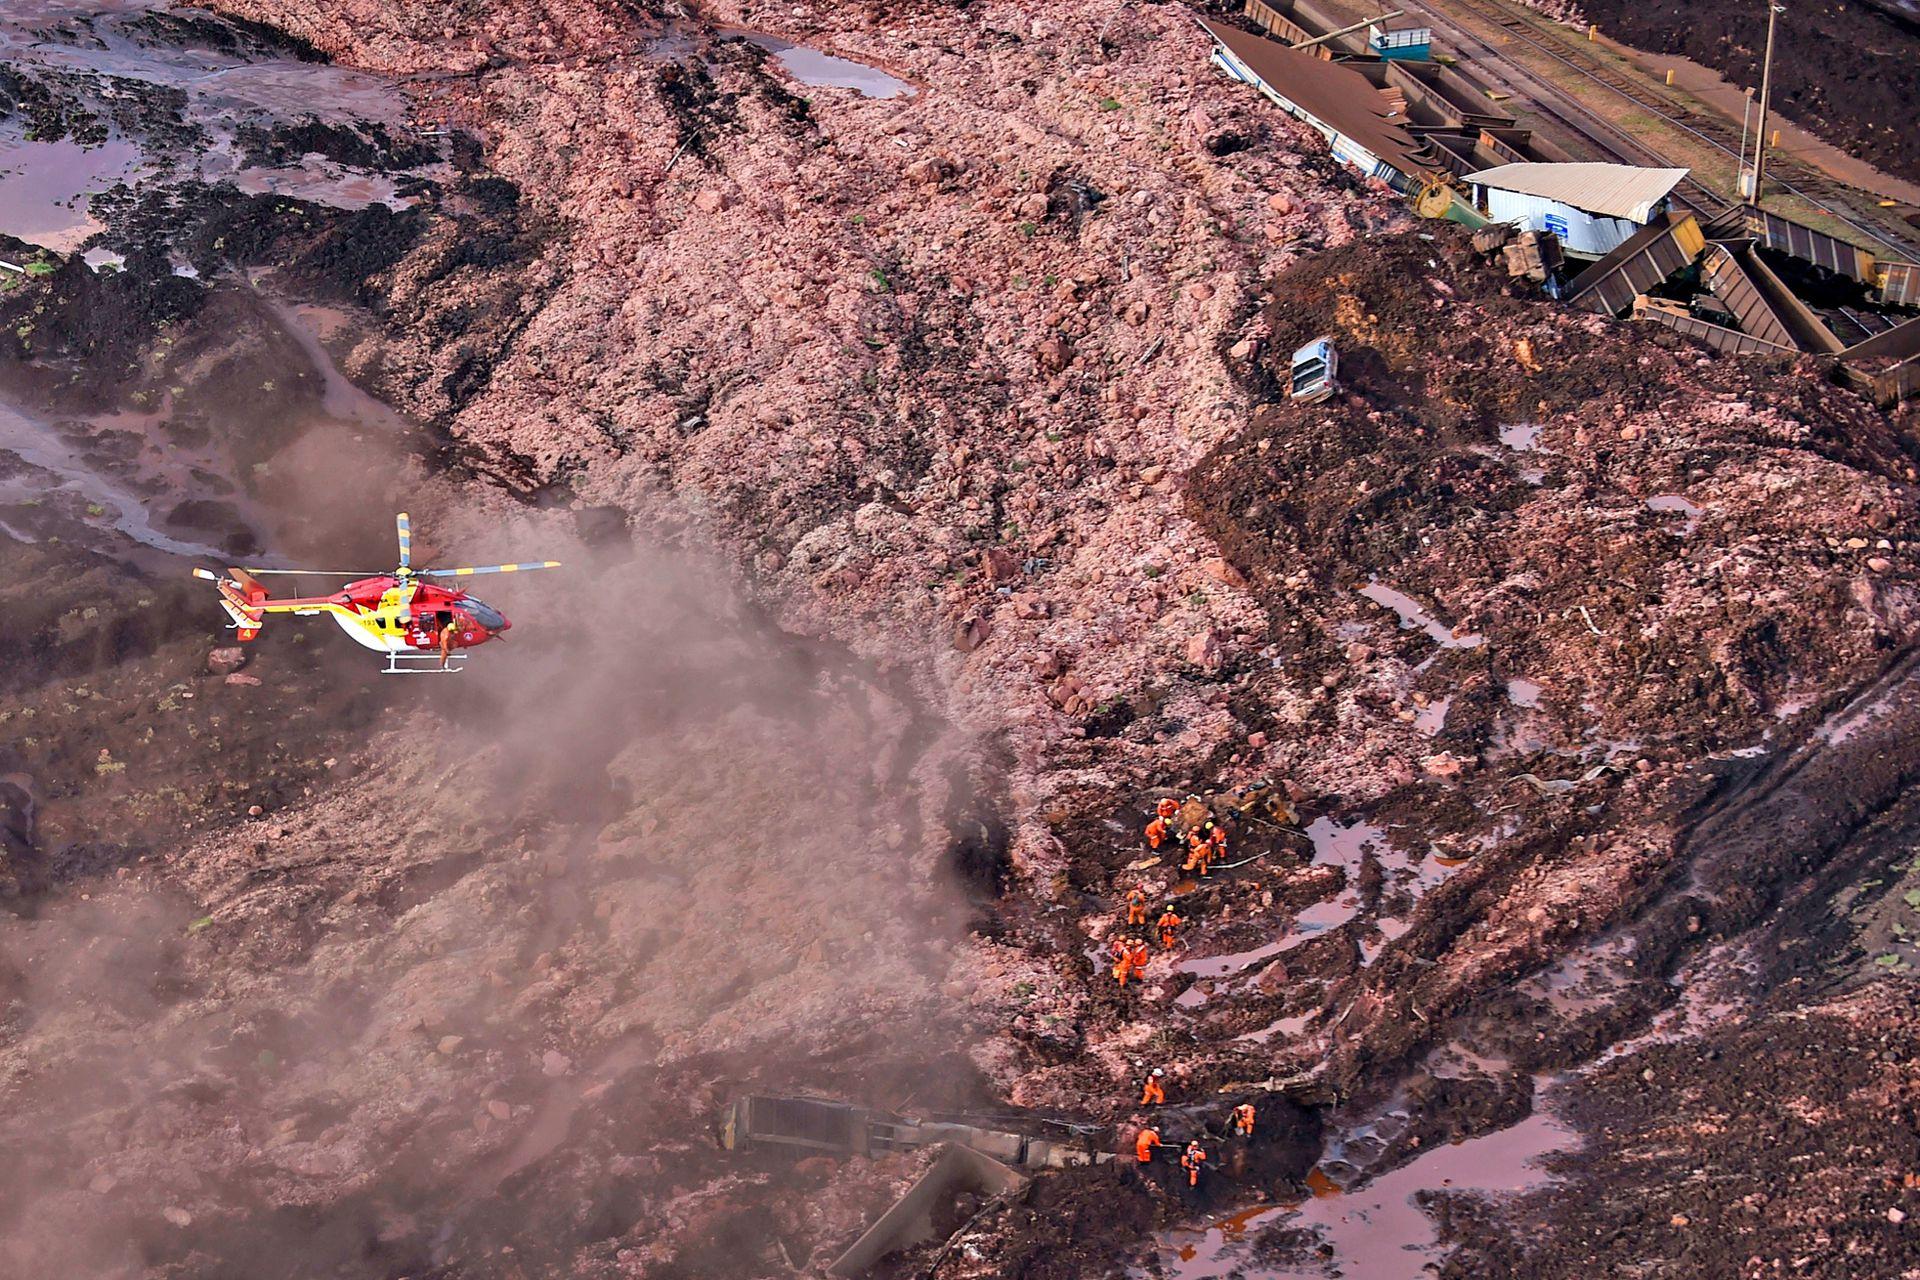 Un helicóptero sobrevuela en la zona del colapso